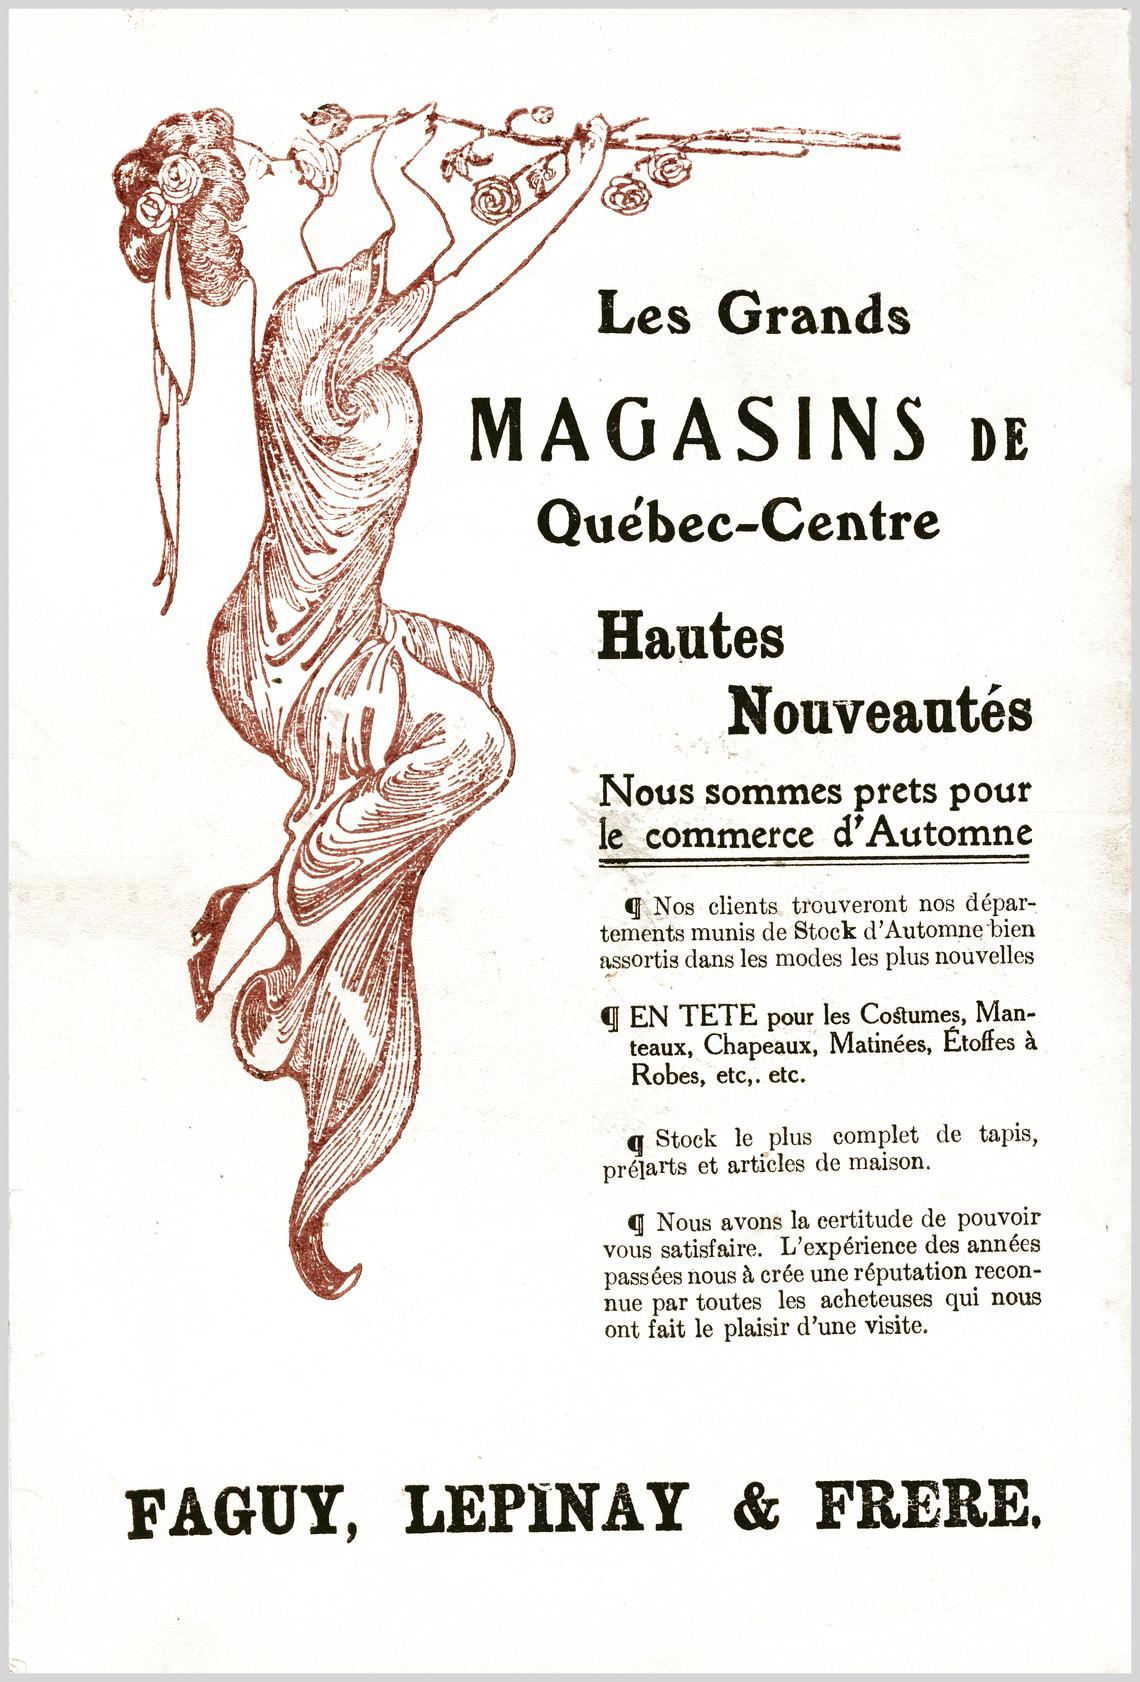 - Publicité No. 1 (Faguy, Lepinay & Frère)